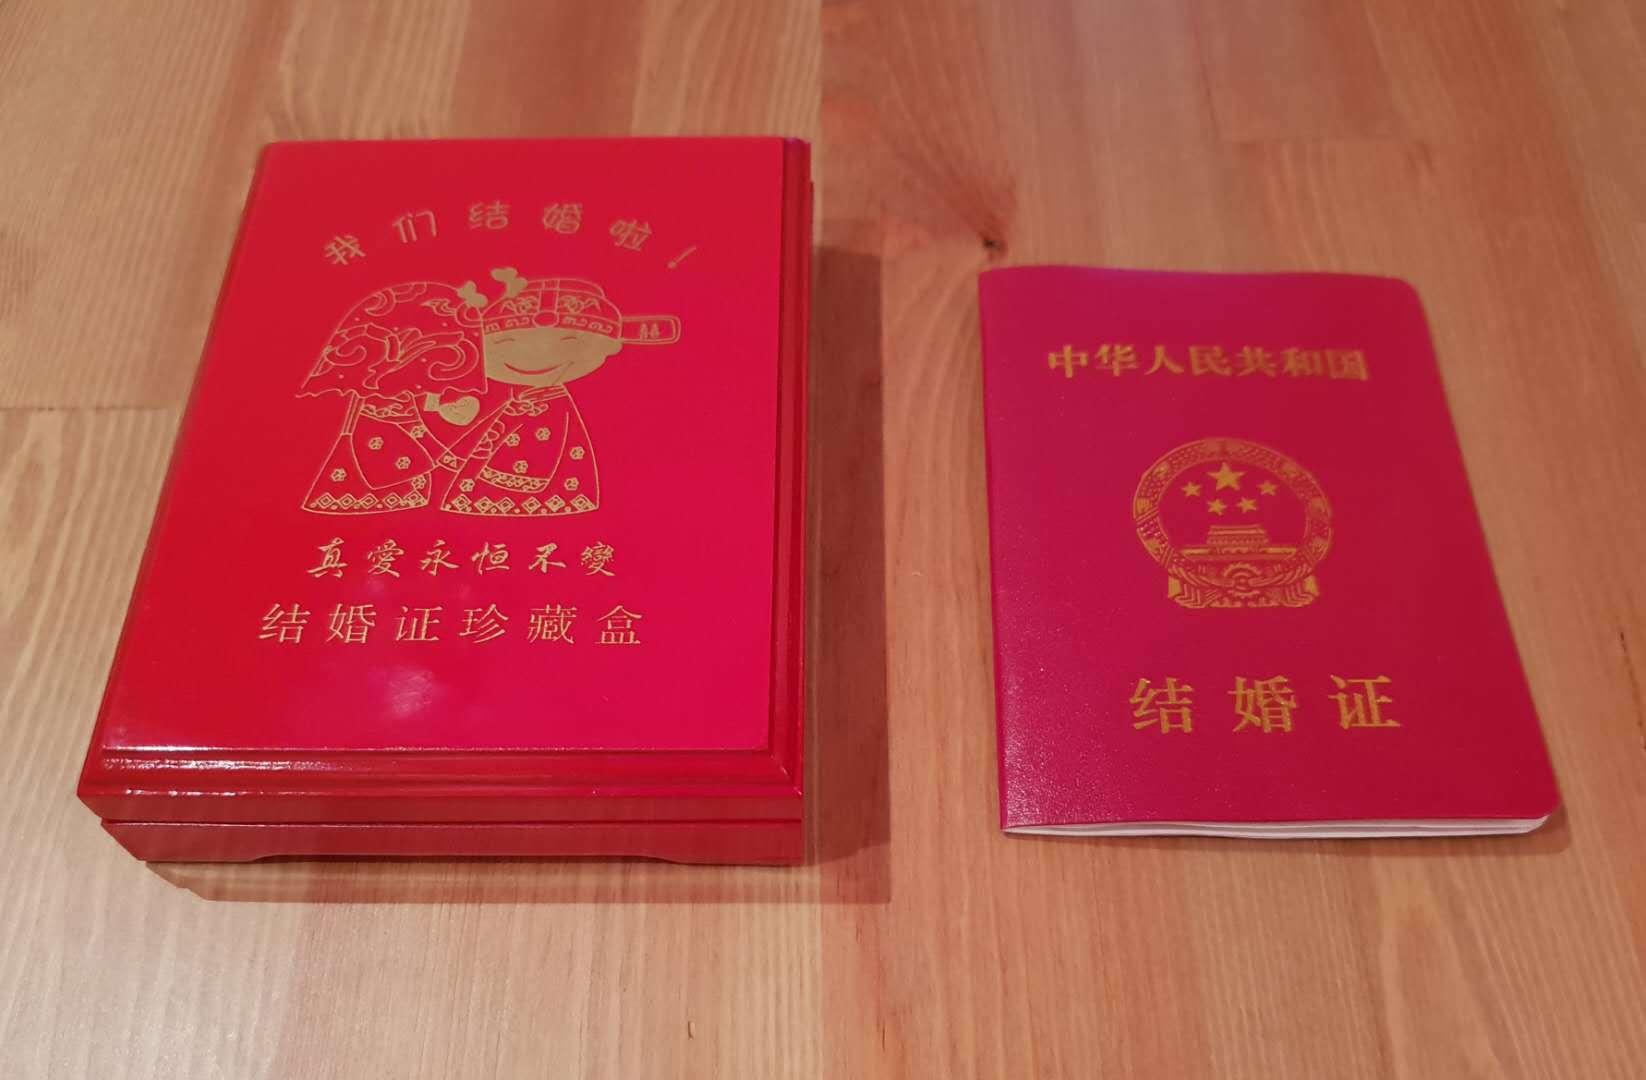 在中国如何翻译官方中文文件并对其进行公证?